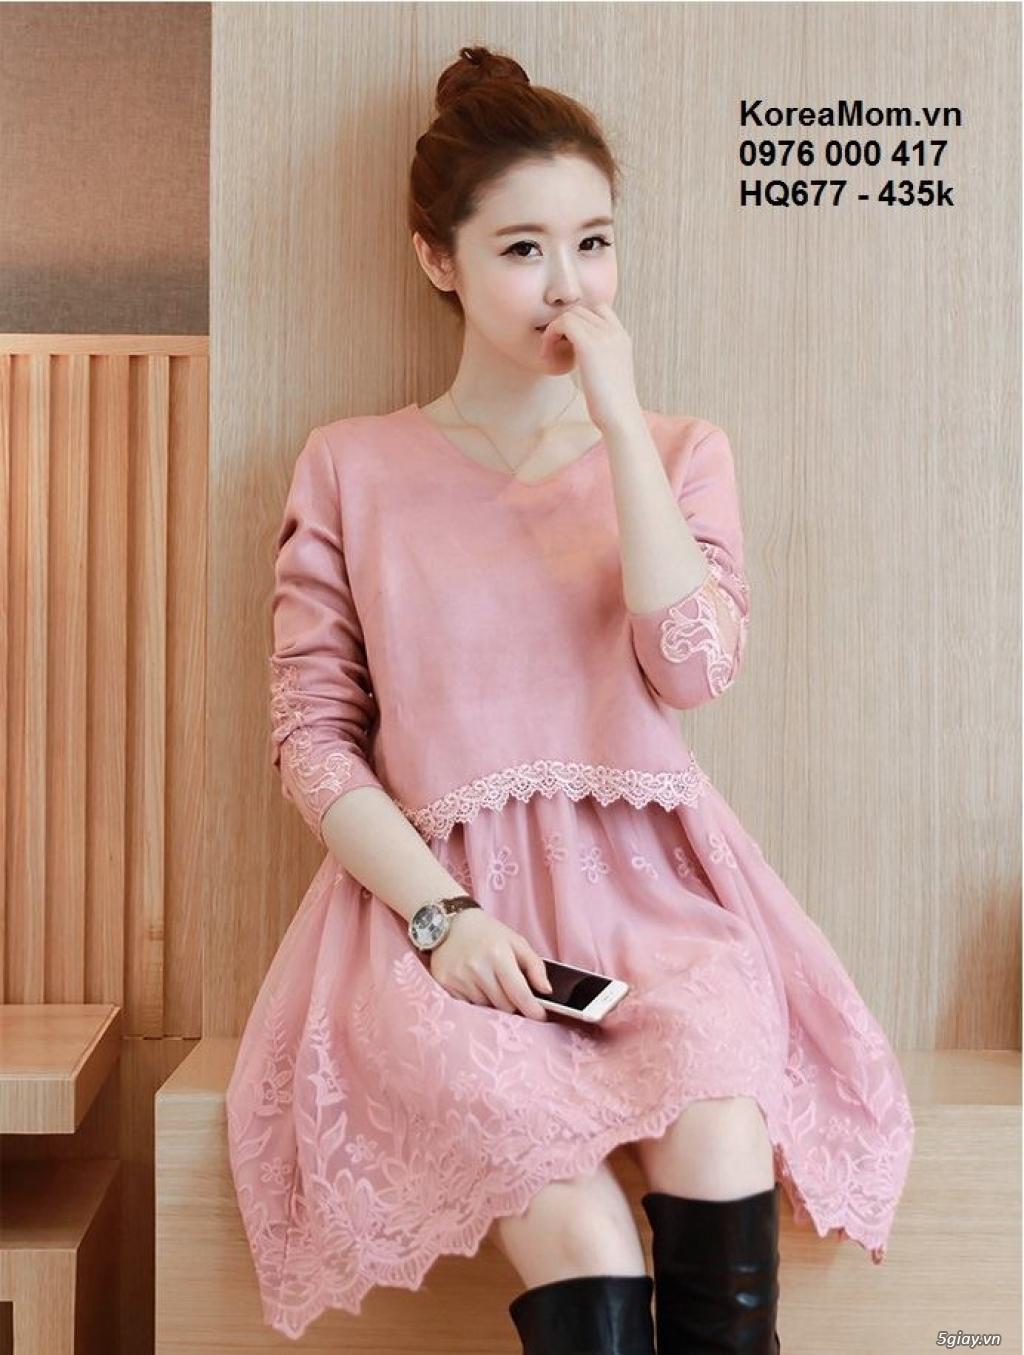 KoreaMom.vn - Đầm bầu thời trang ngoại nhập xinh lung linh - 6